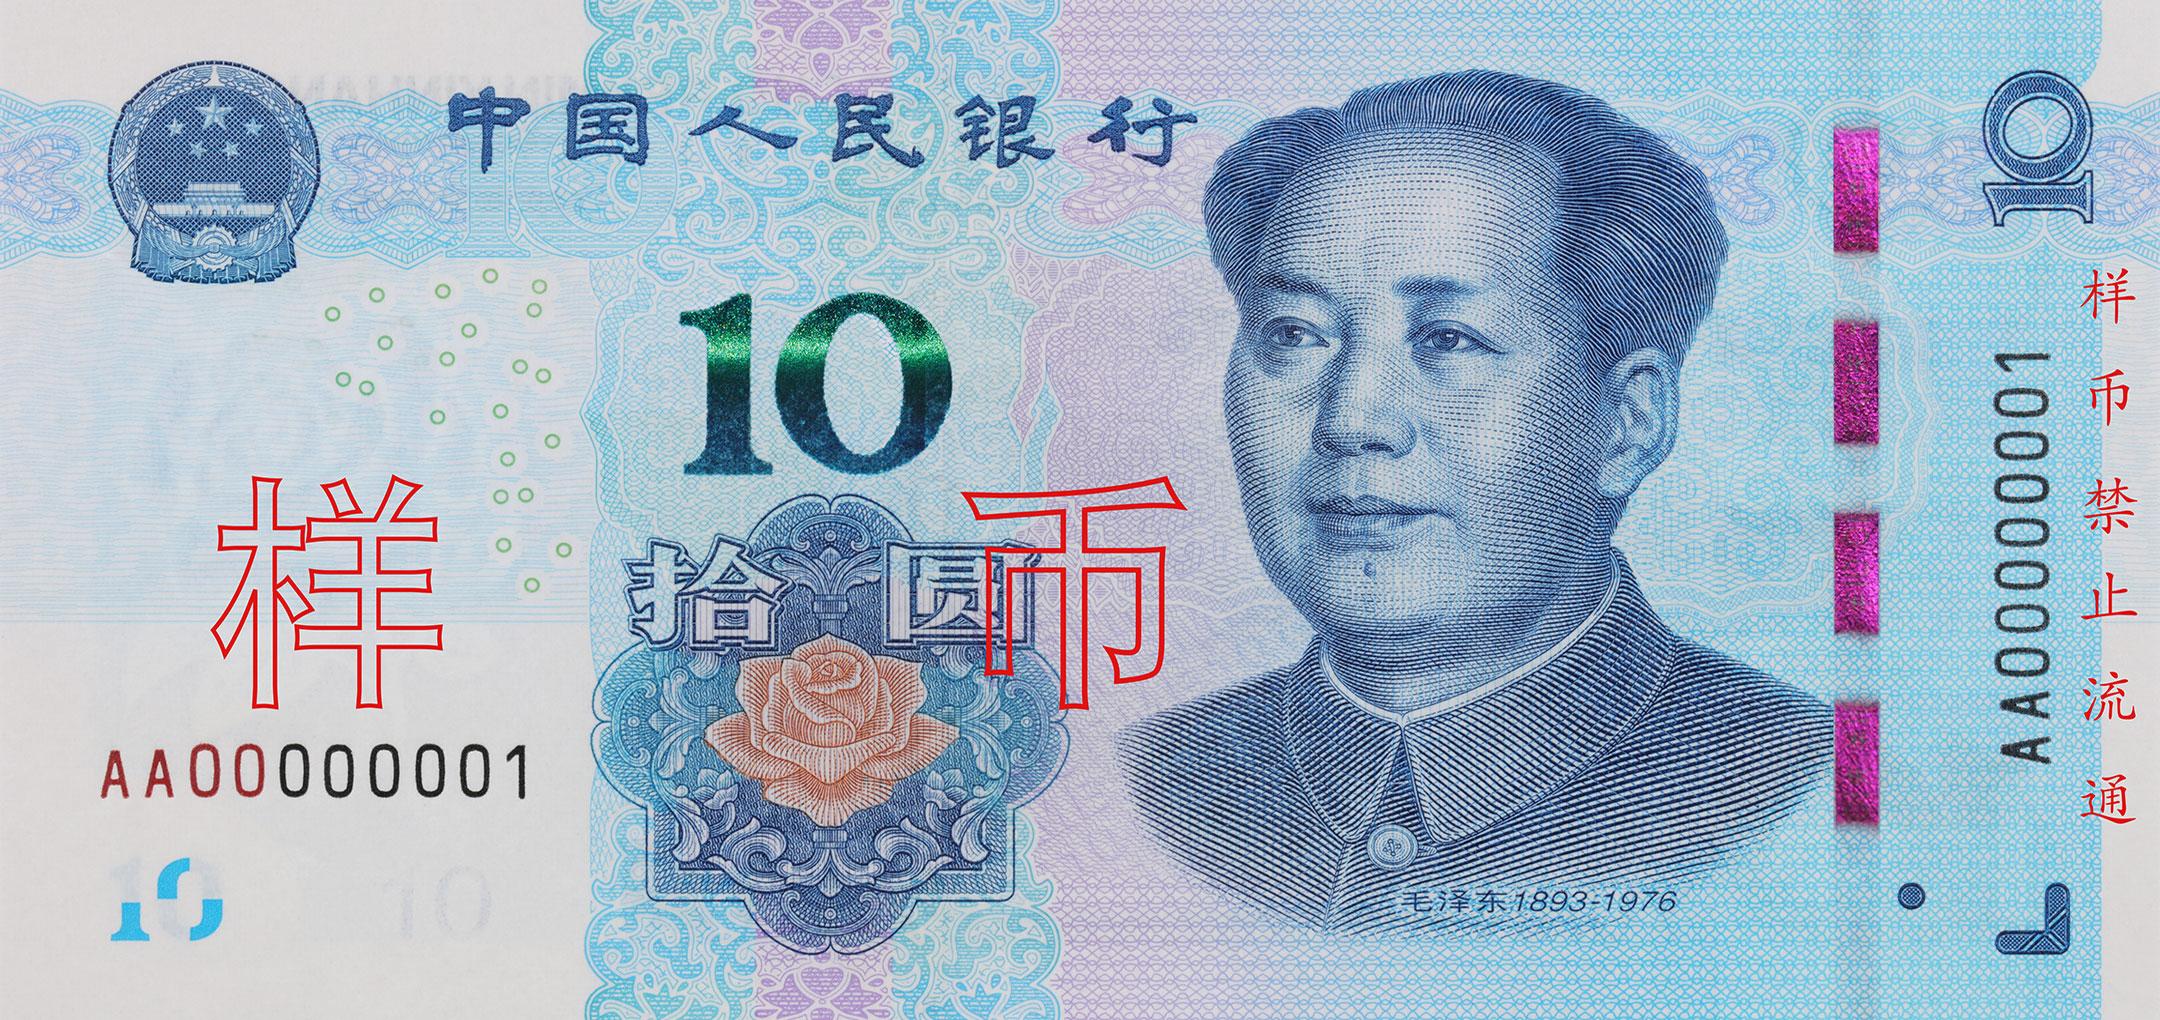 rmb2019-10-zheng_big.jpg